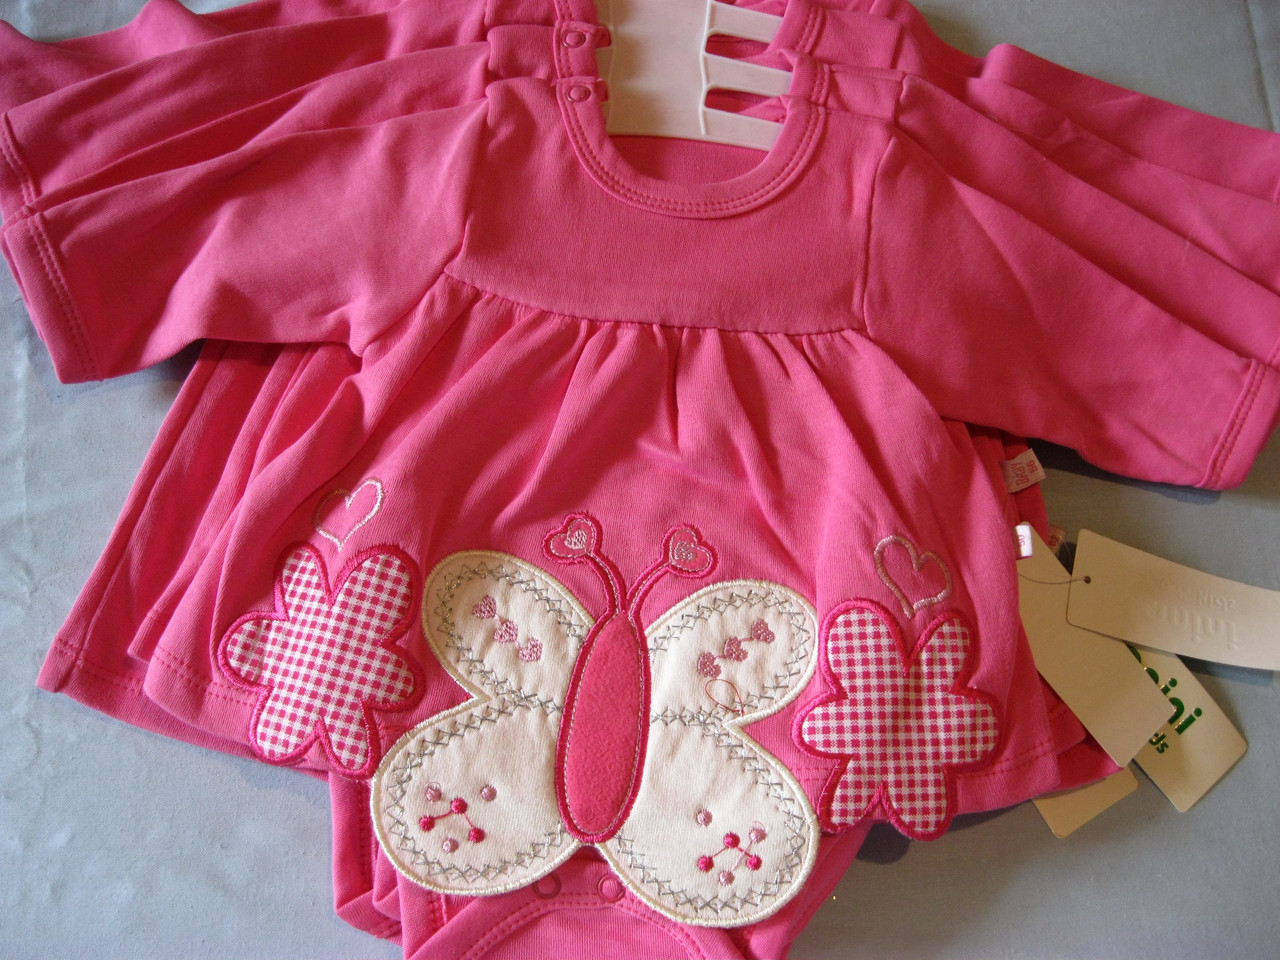 dab24f181324 Детское боди- платье с длинным рукaвом, Бабочки ,для девочки 50cm Турция